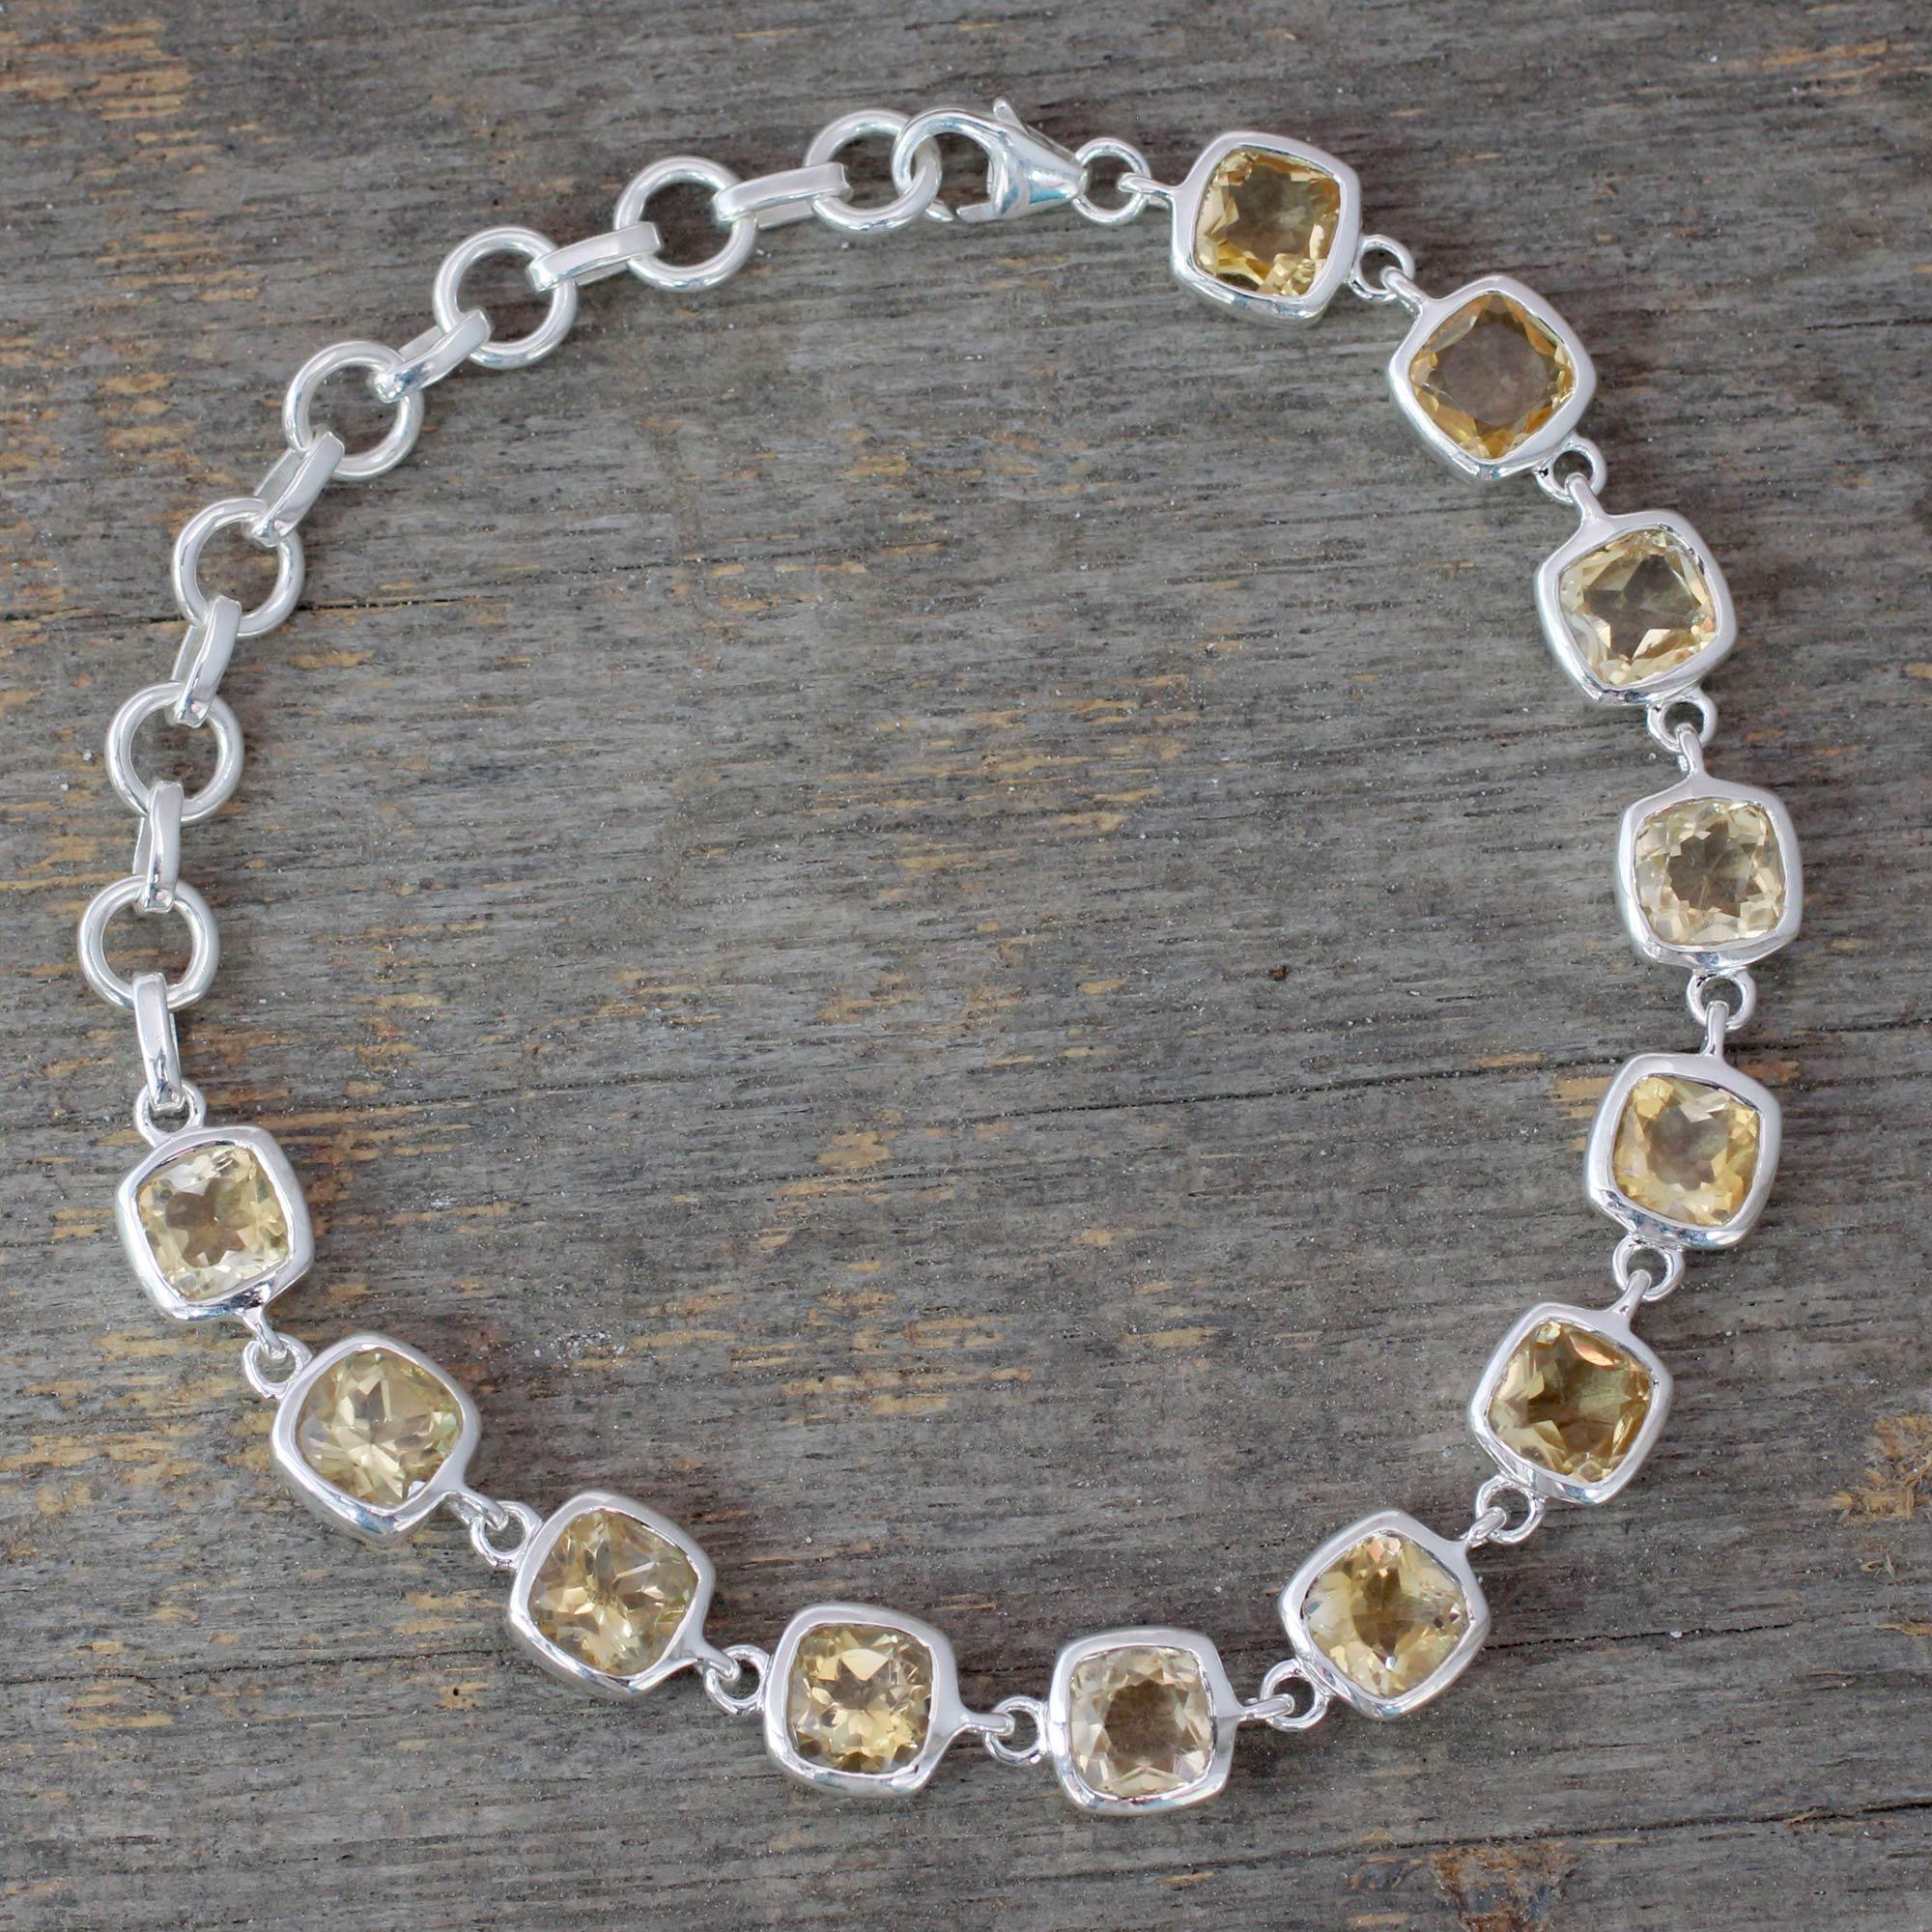 Citrine Bracelet Fair Trade Jewelry Sunlight Whisper